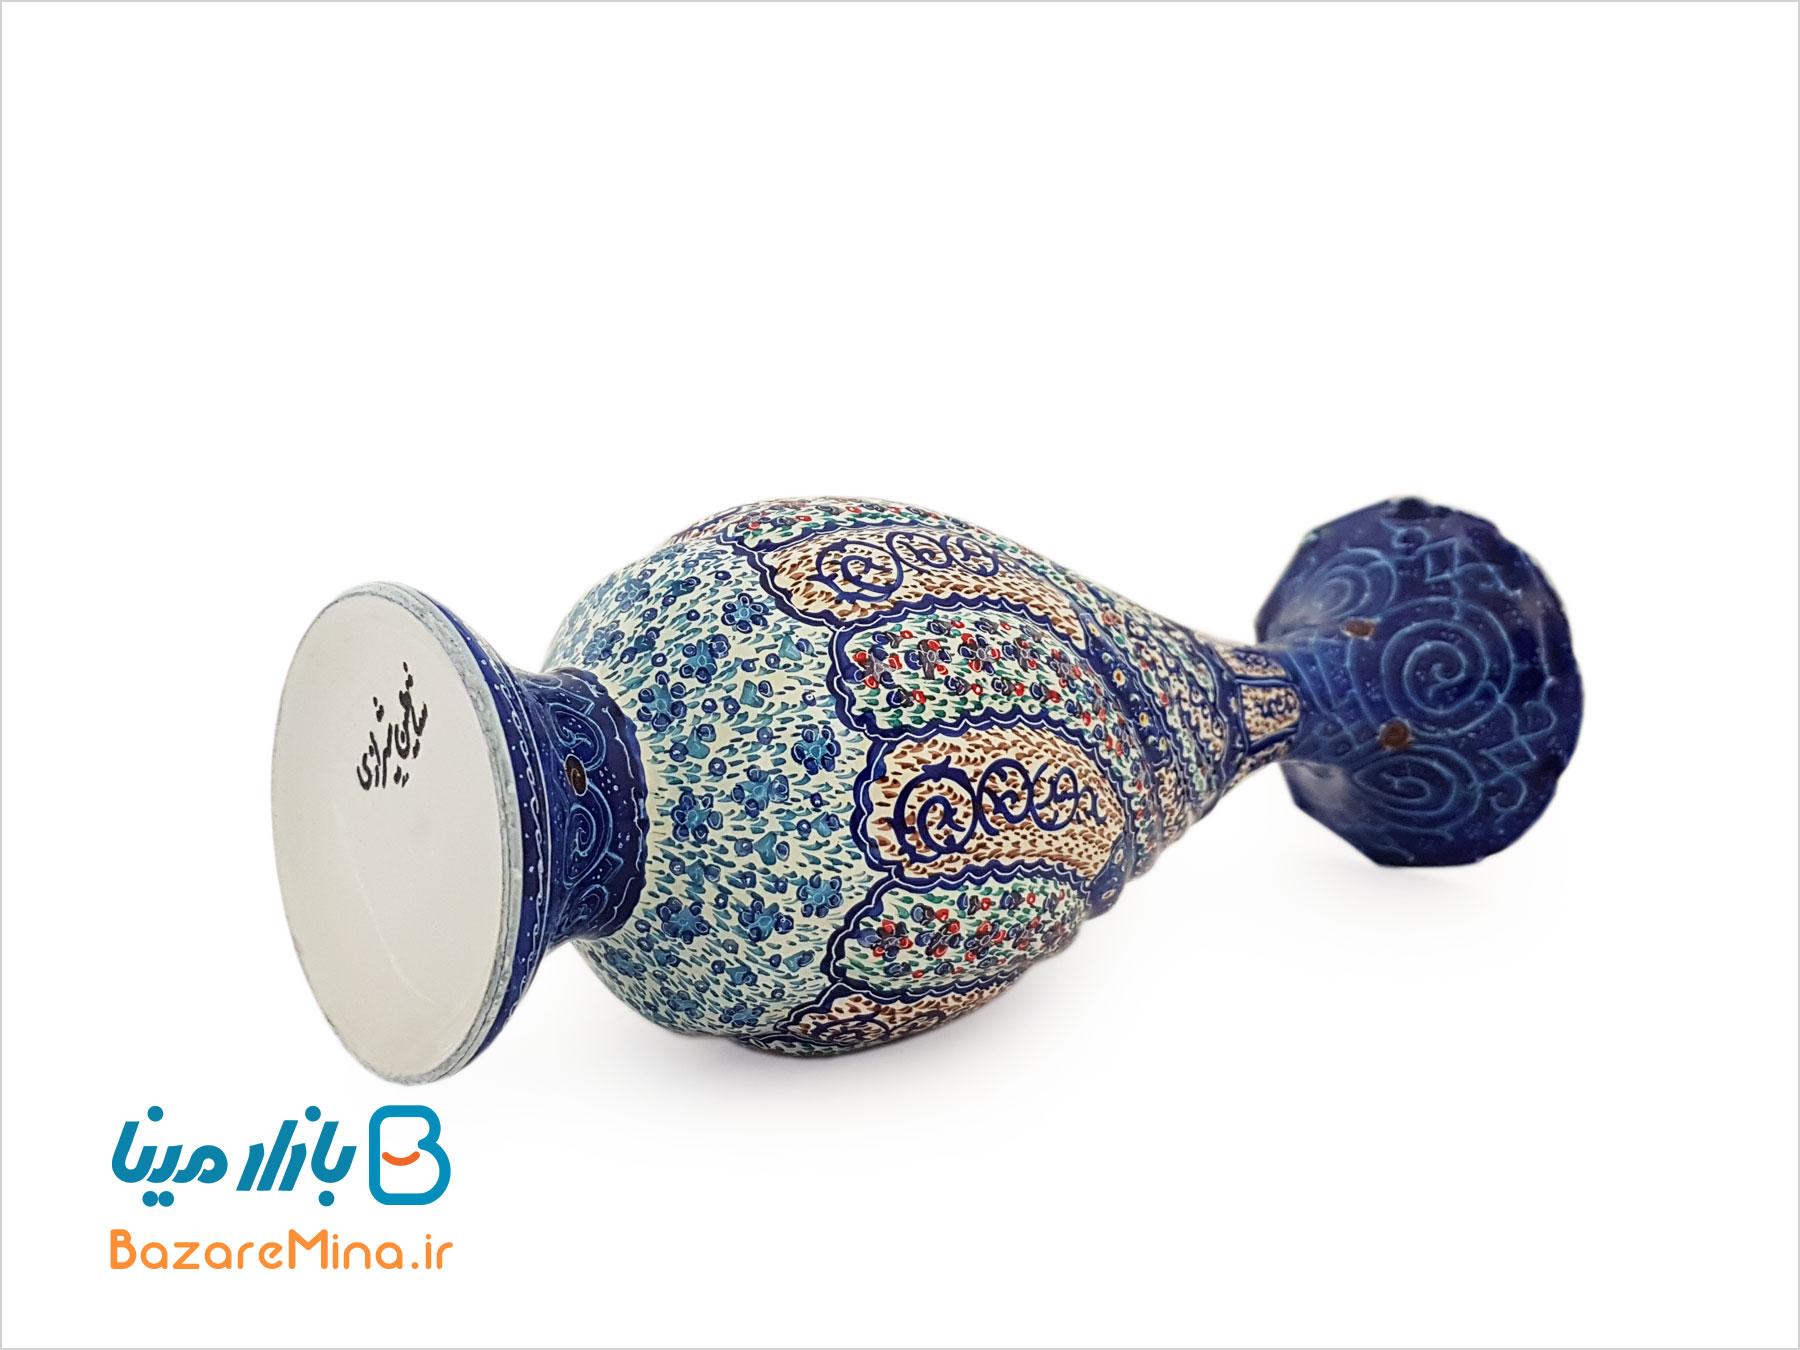 گلدان مسی میناکاری شده اثر شیرازی ارتفاع ۲۰ سانتی متر